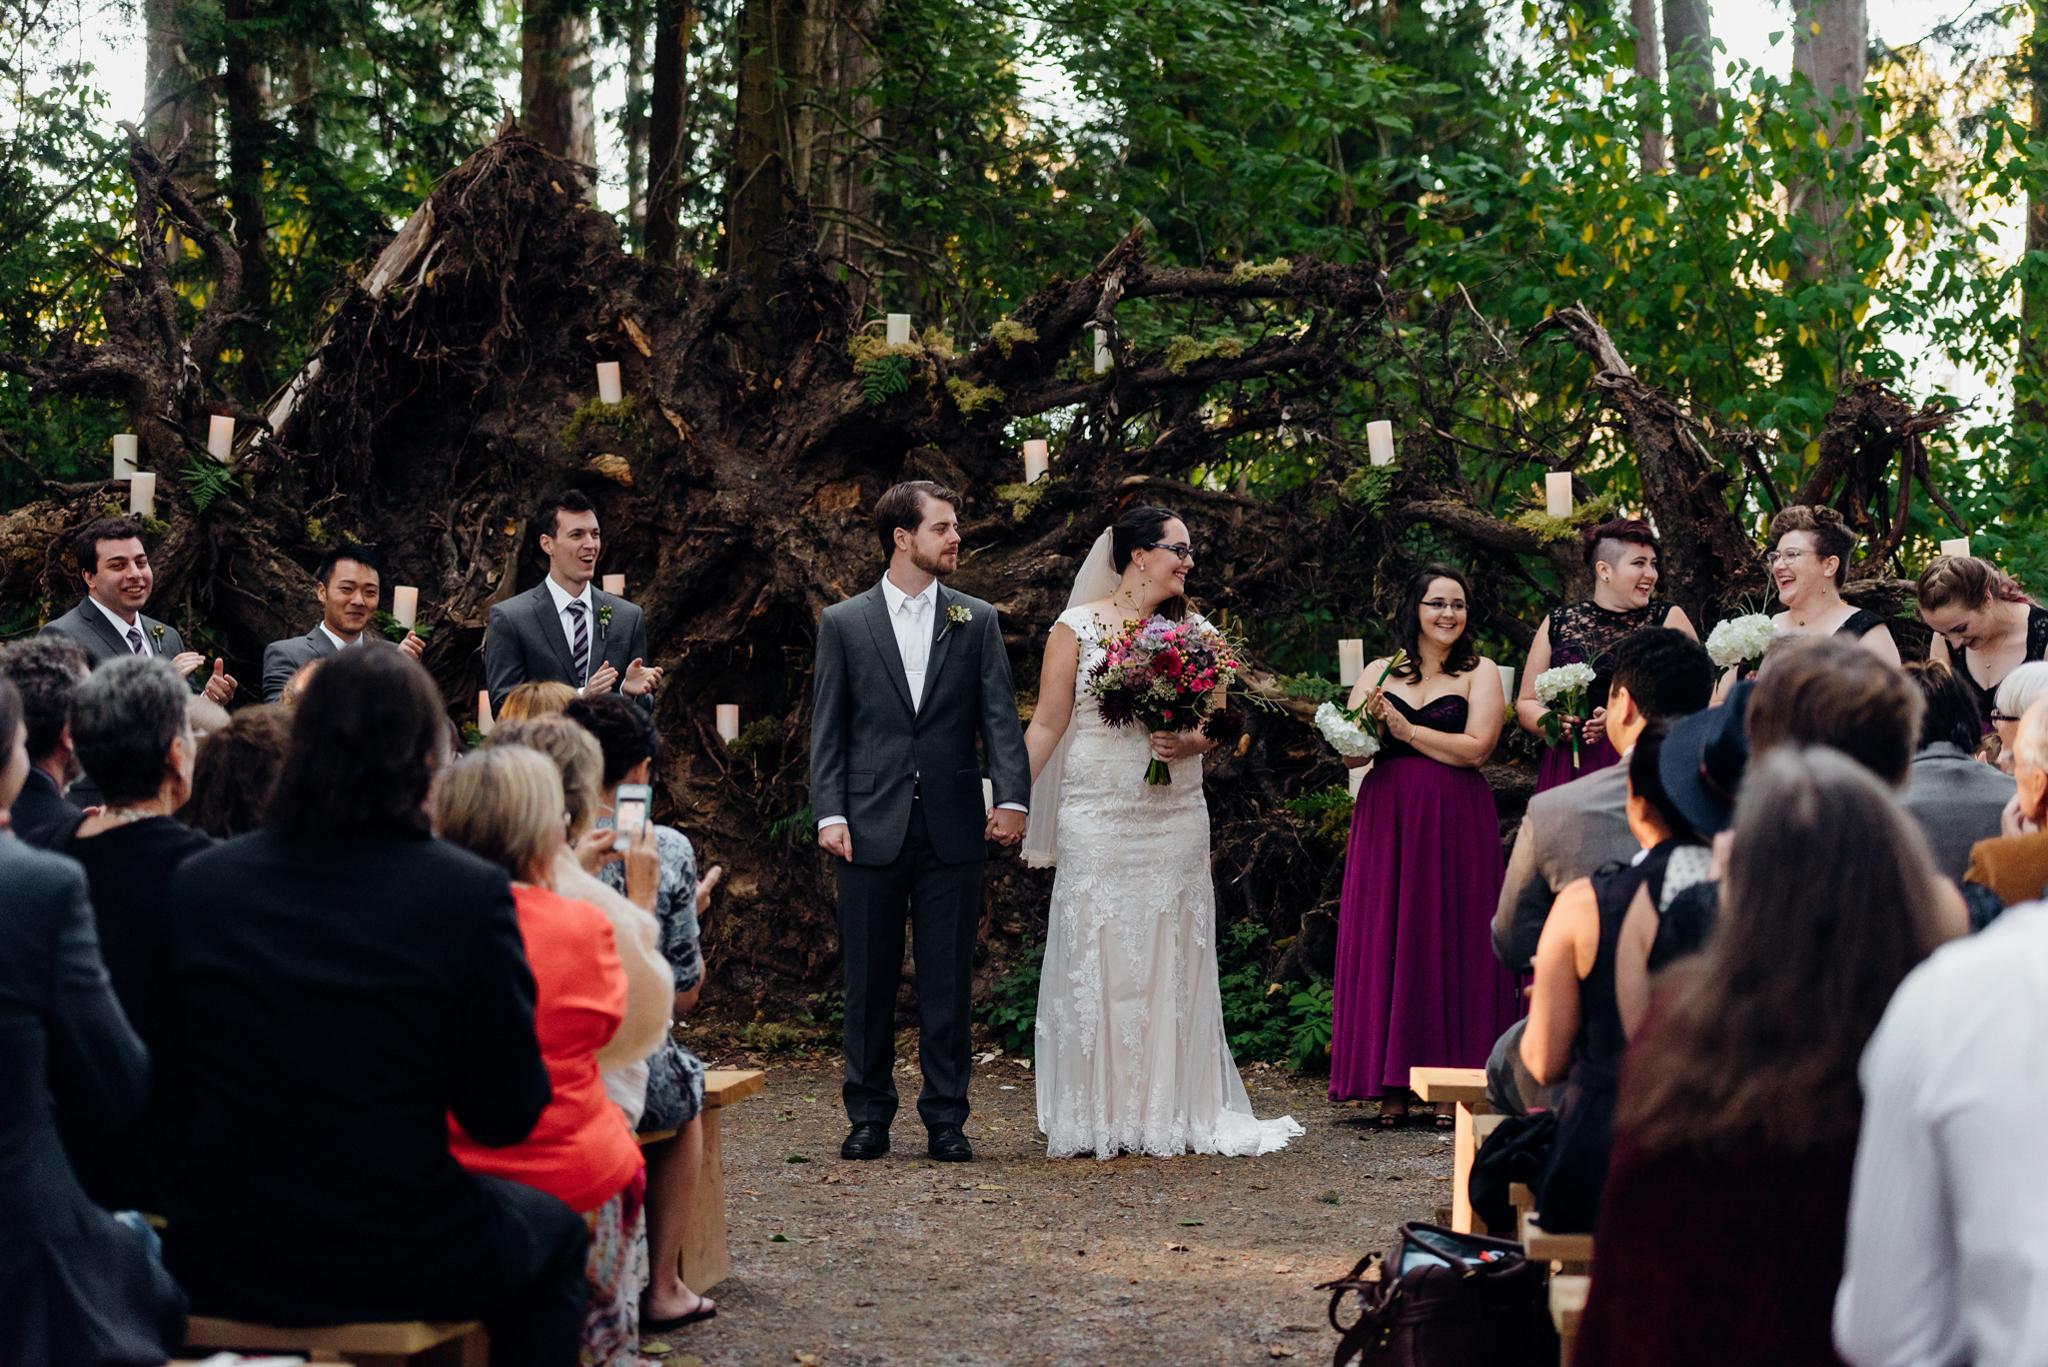 Nicola_Reiersen_Photography_Sea_Cider_Forest_Wedding (86).jpg